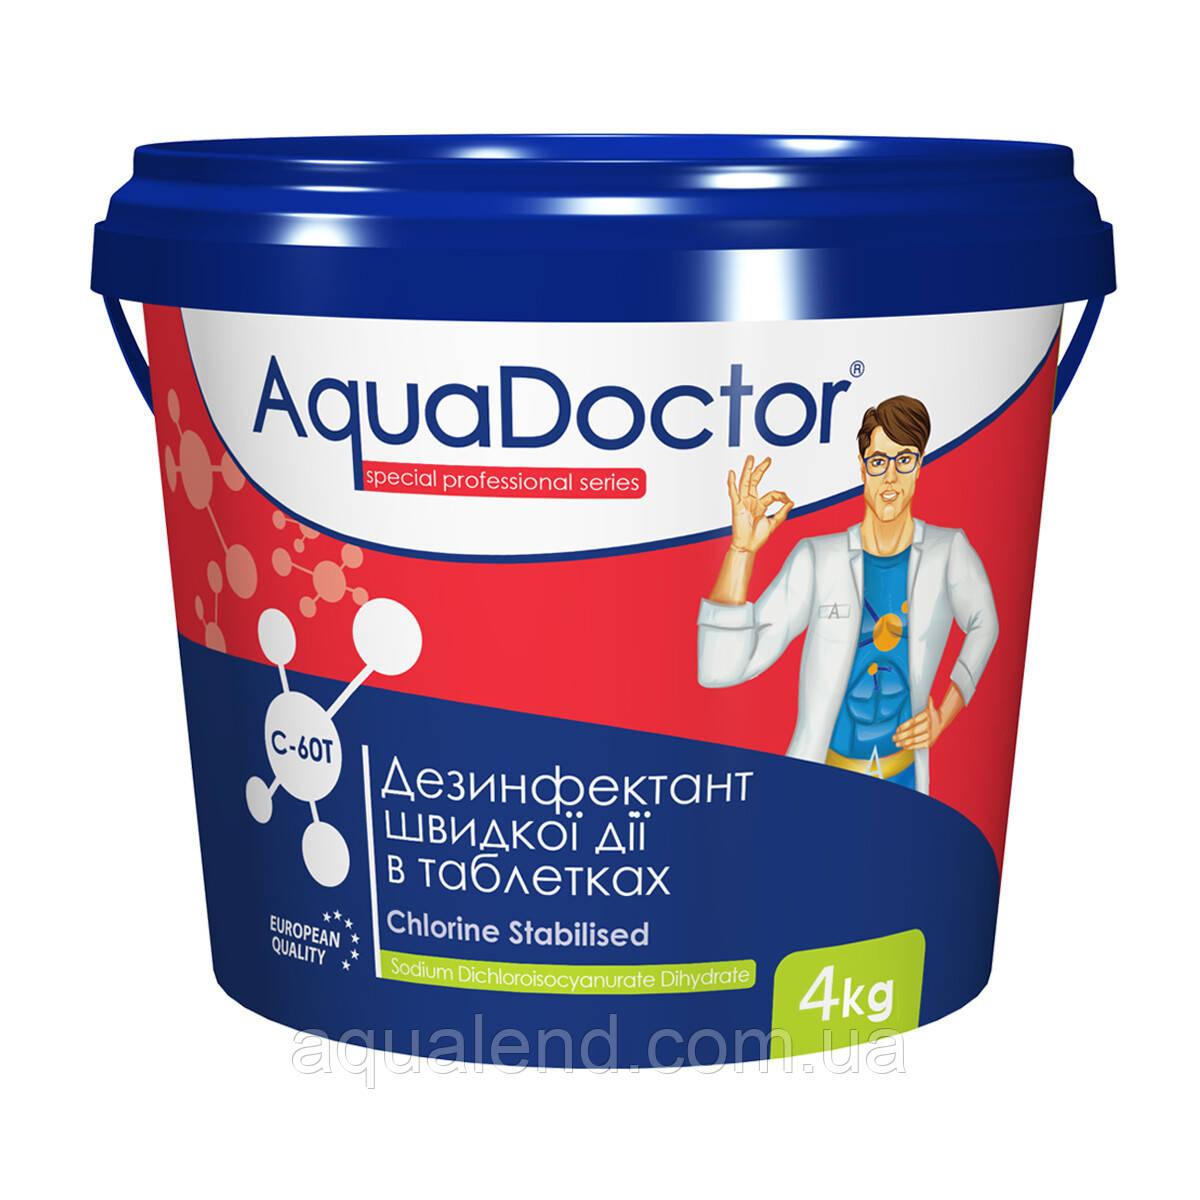 Шок хлор для басейну C-60Т, 4кг., (дезінфекант швидкої дії), в таблетках 20г, AquaDoctor